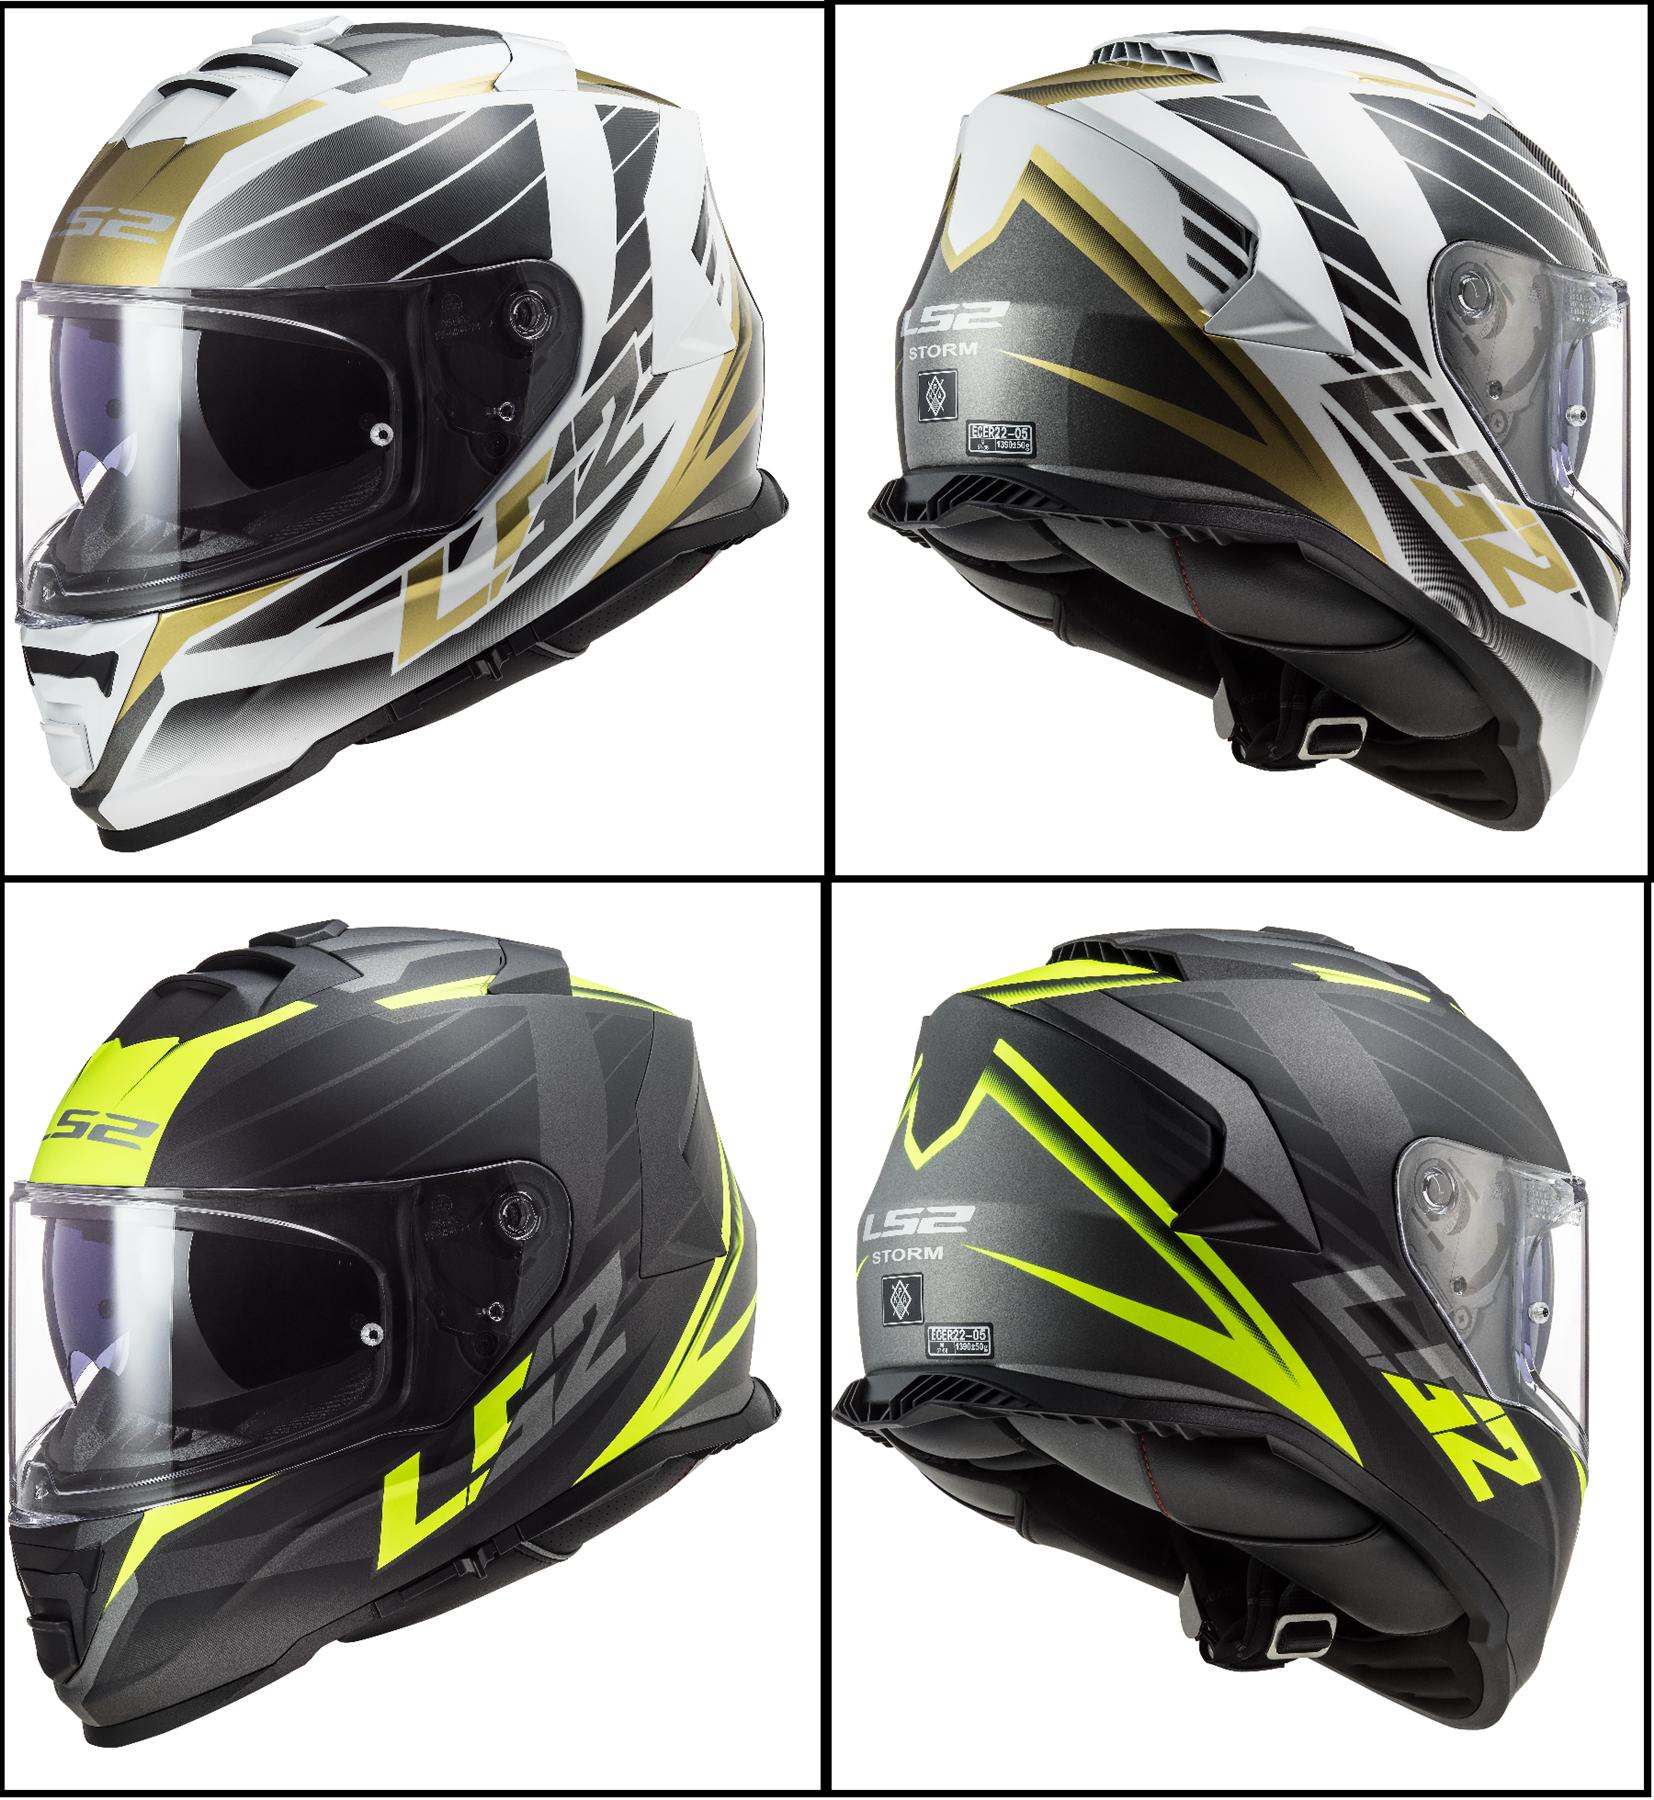 Casco moto LS2 FF800 STORM NERVE WHITE ANTIQUE GOLD Bianco//Nero//Oro XS